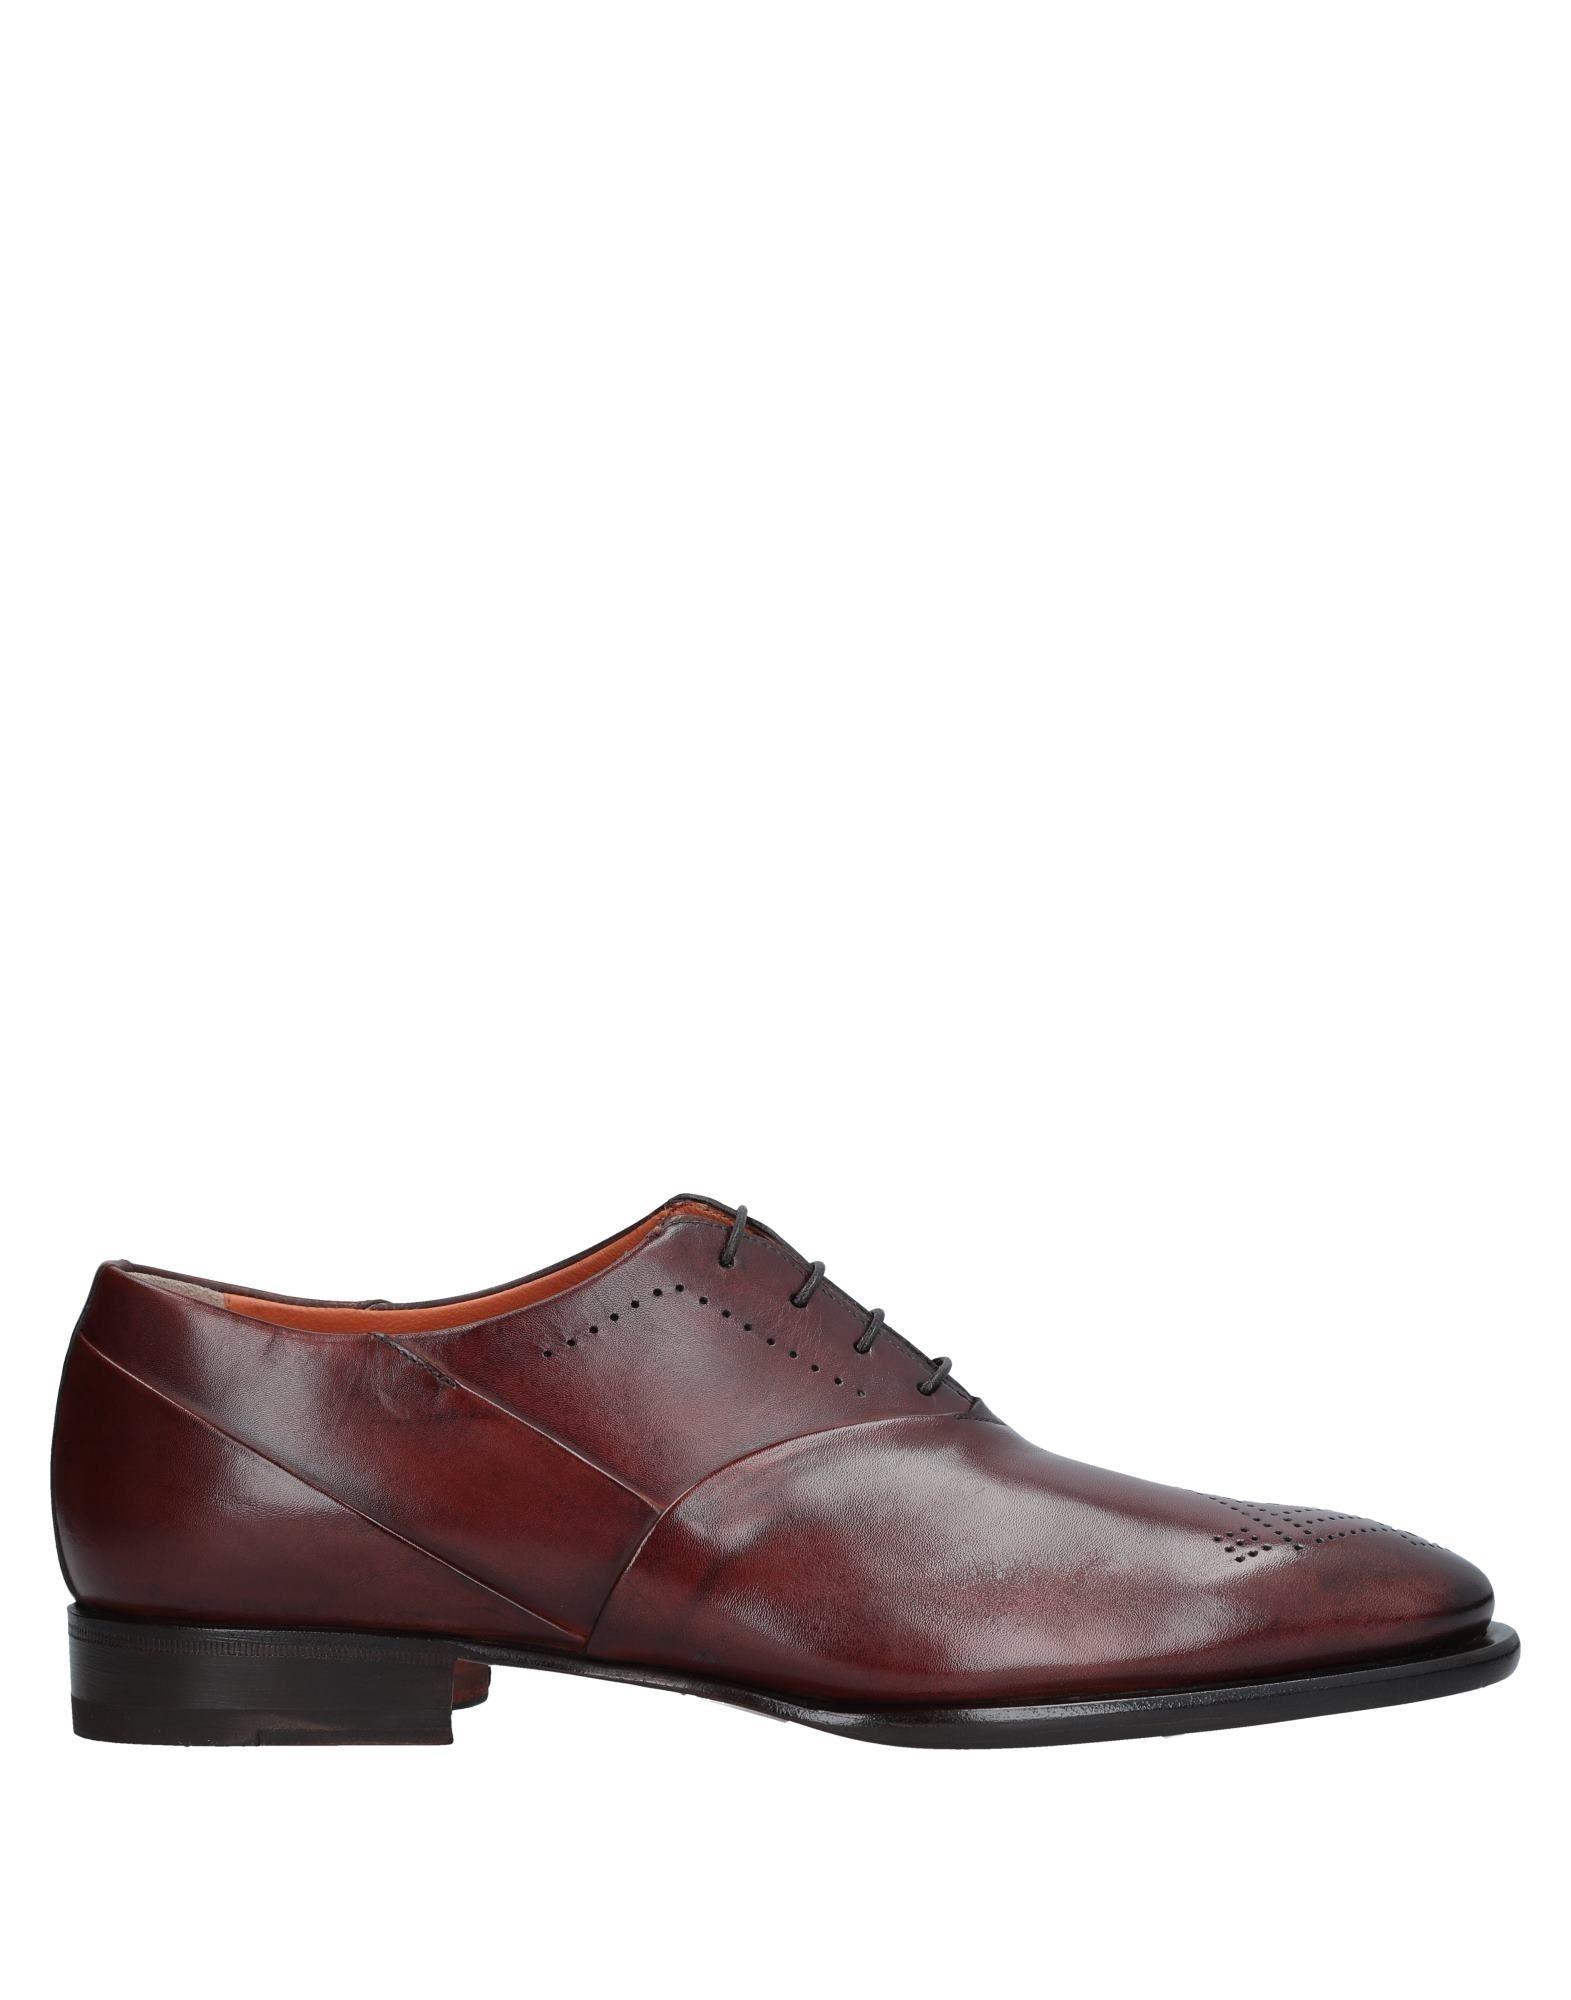 Santoni Schnürschuhe Herren  11542436WO Gute Qualität beliebte Schuhe